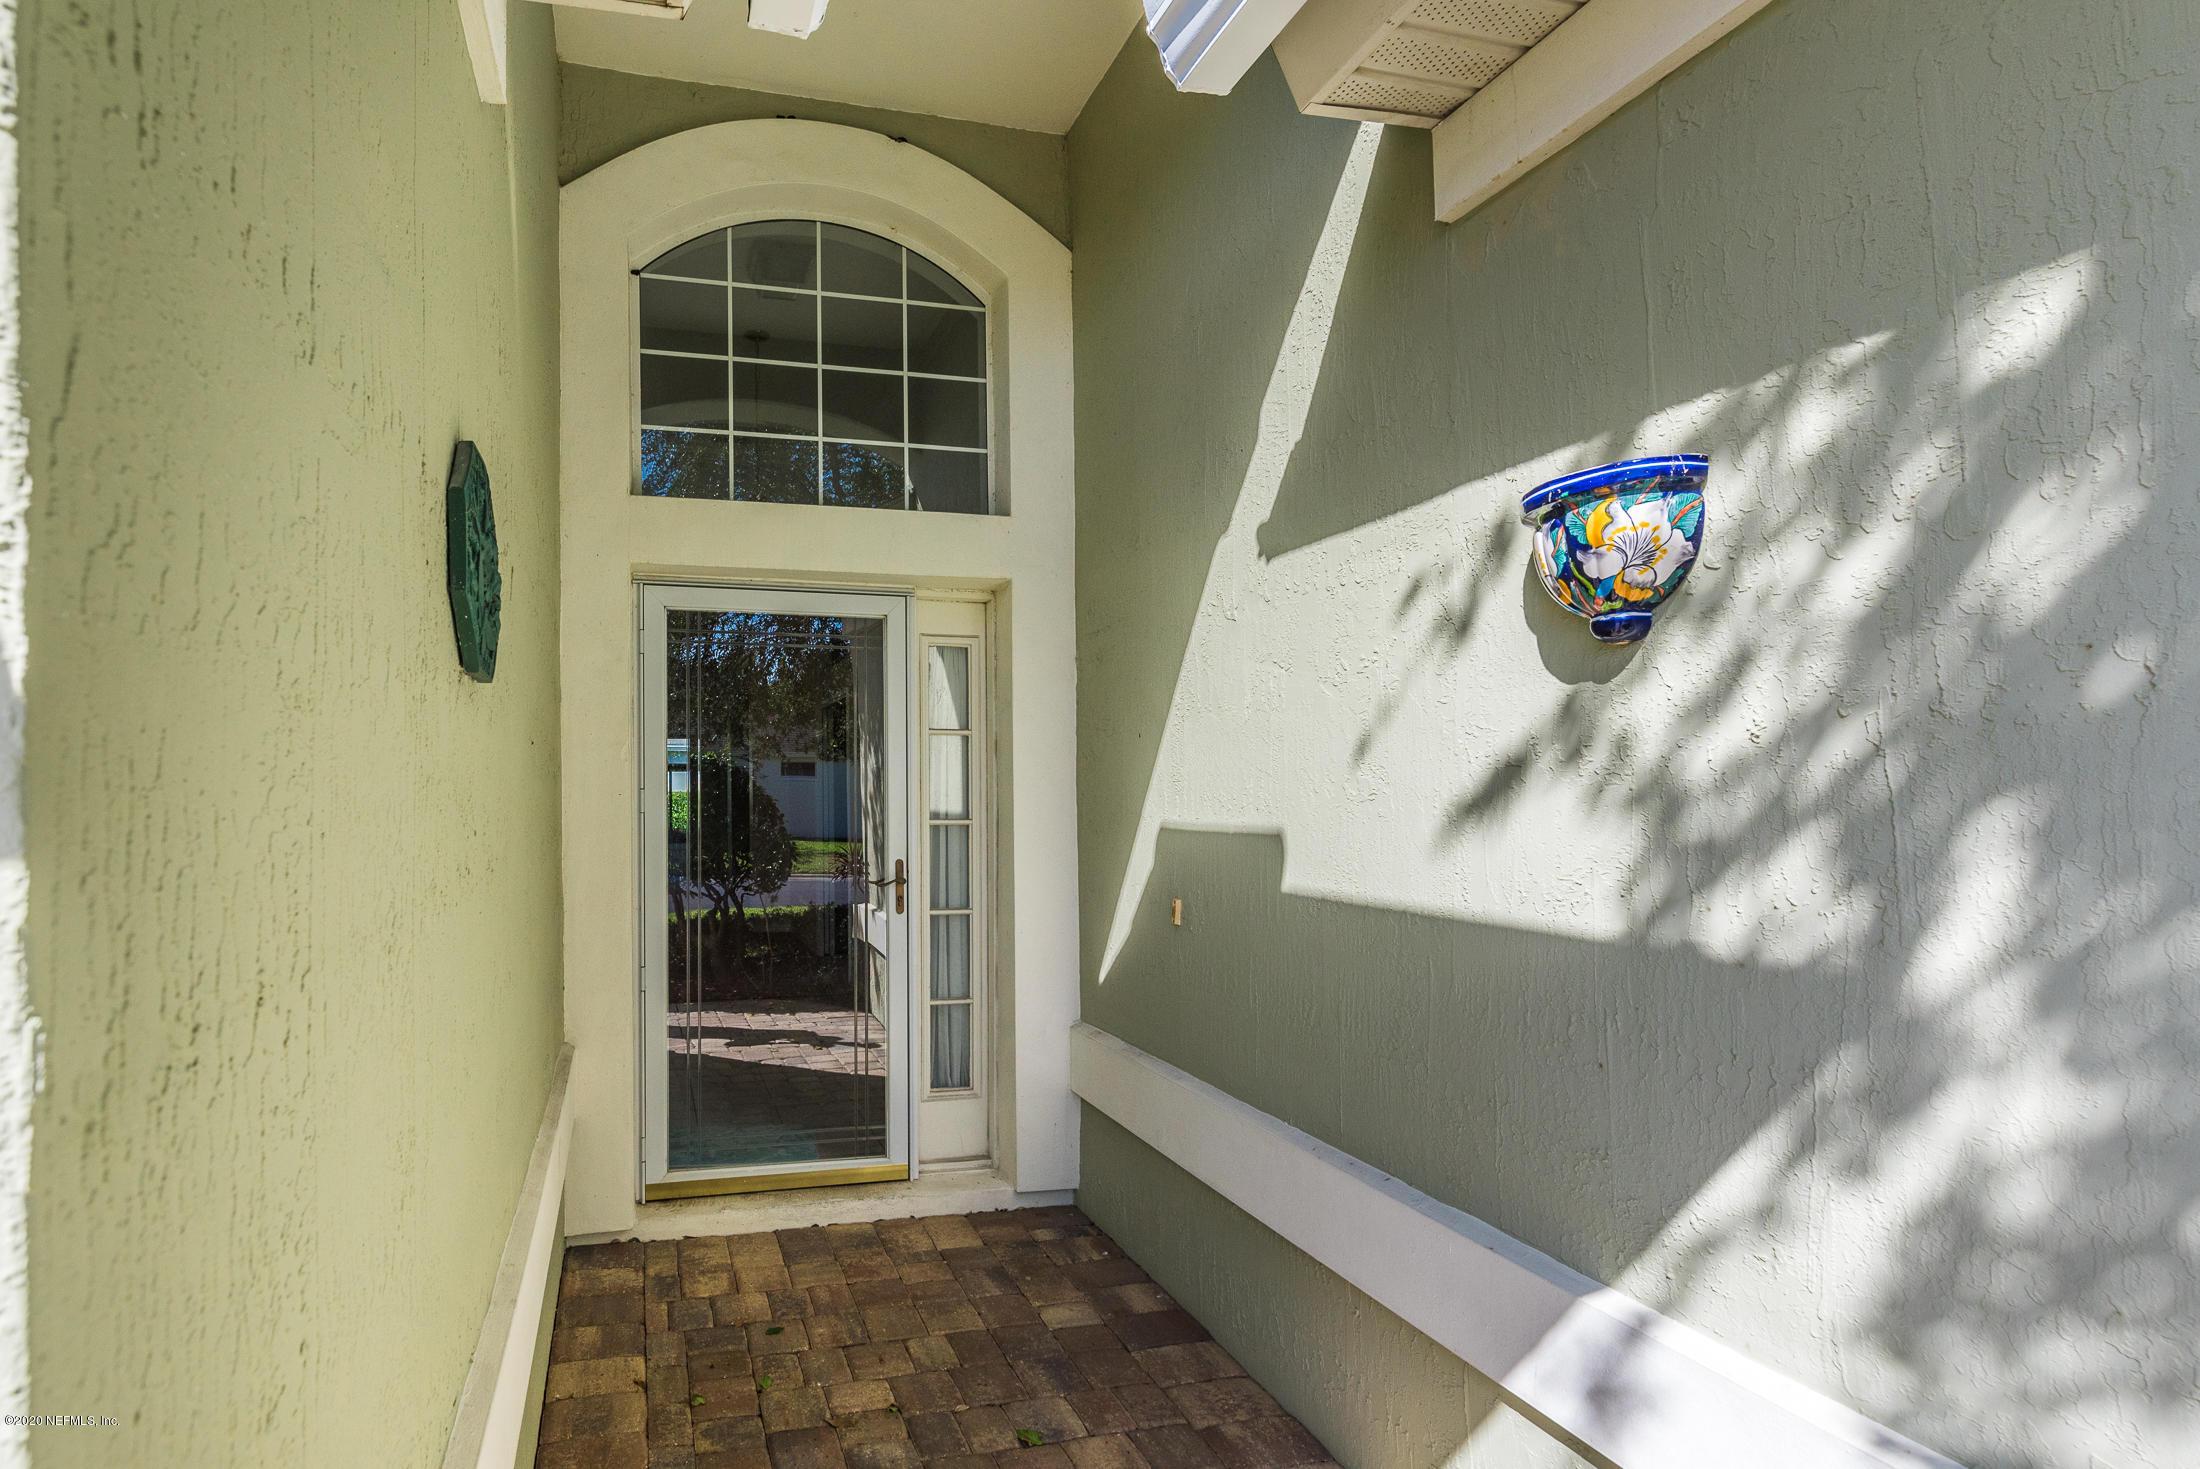 796 EL VERGEL, ST AUGUSTINE, FLORIDA 32080, 2 Bedrooms Bedrooms, ,2 BathroomsBathrooms,Residential,For sale,EL VERGEL,1081284